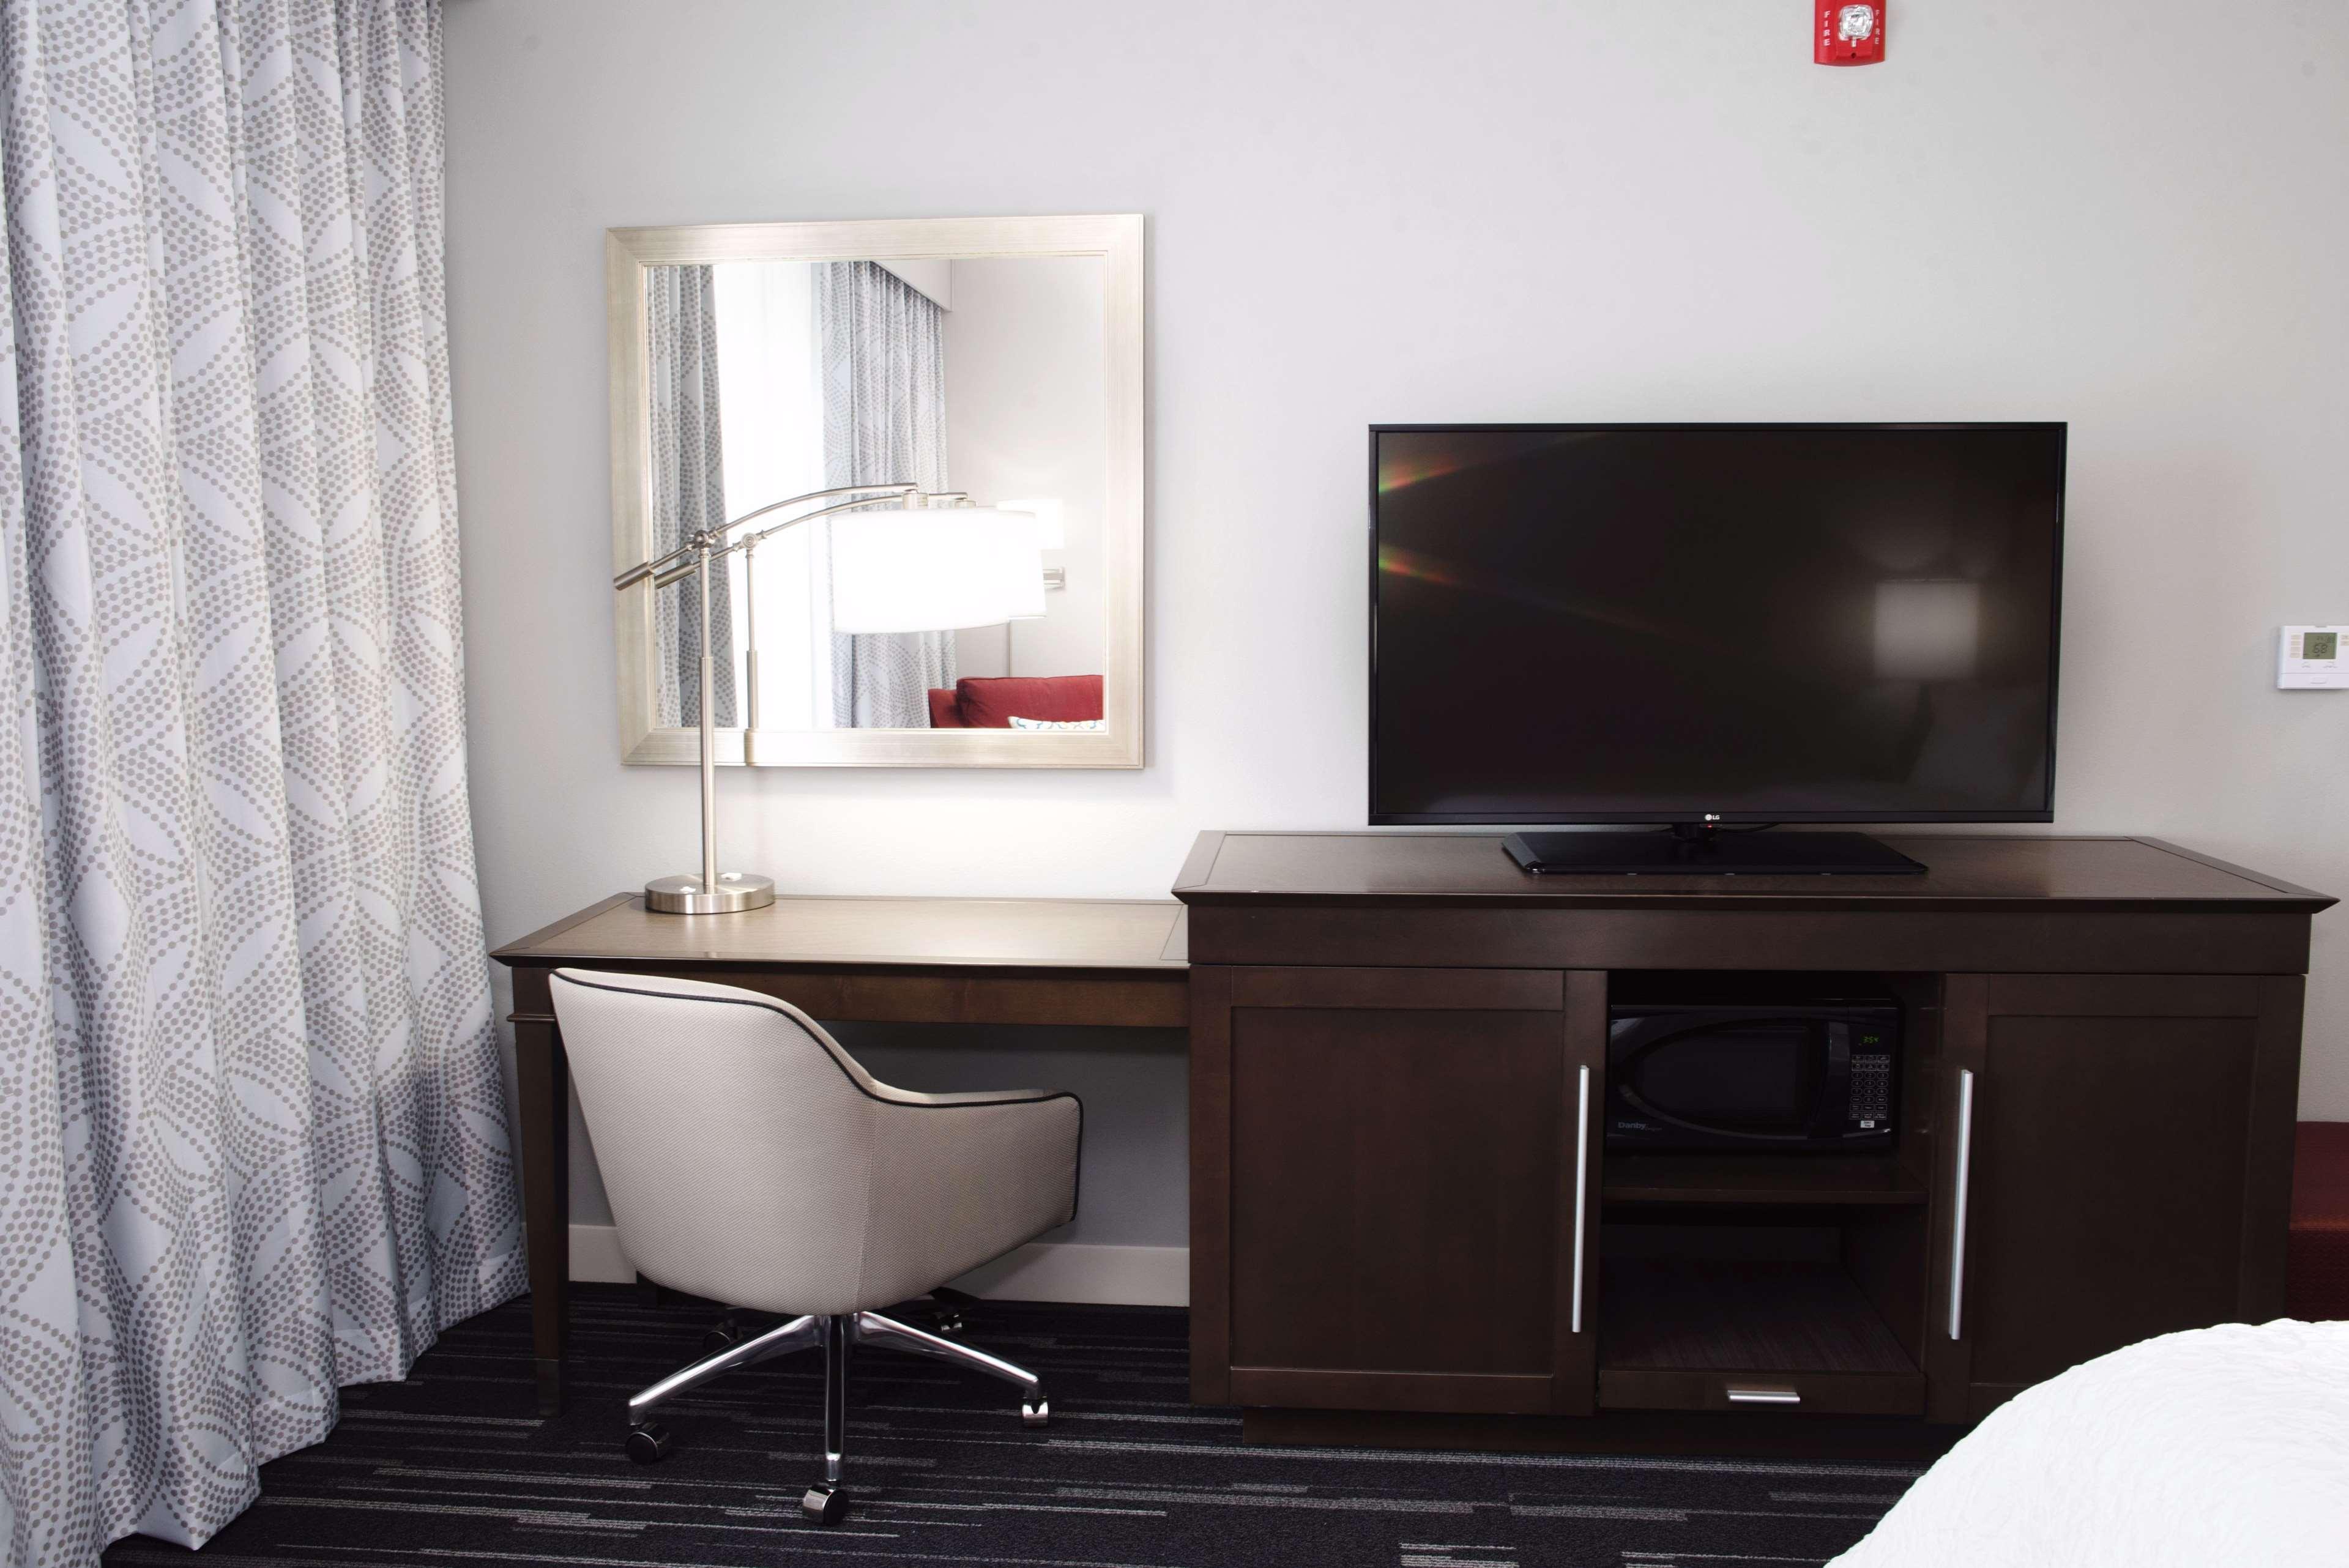 Hampton Inn & Suites Des Moines/Urbandale image 34